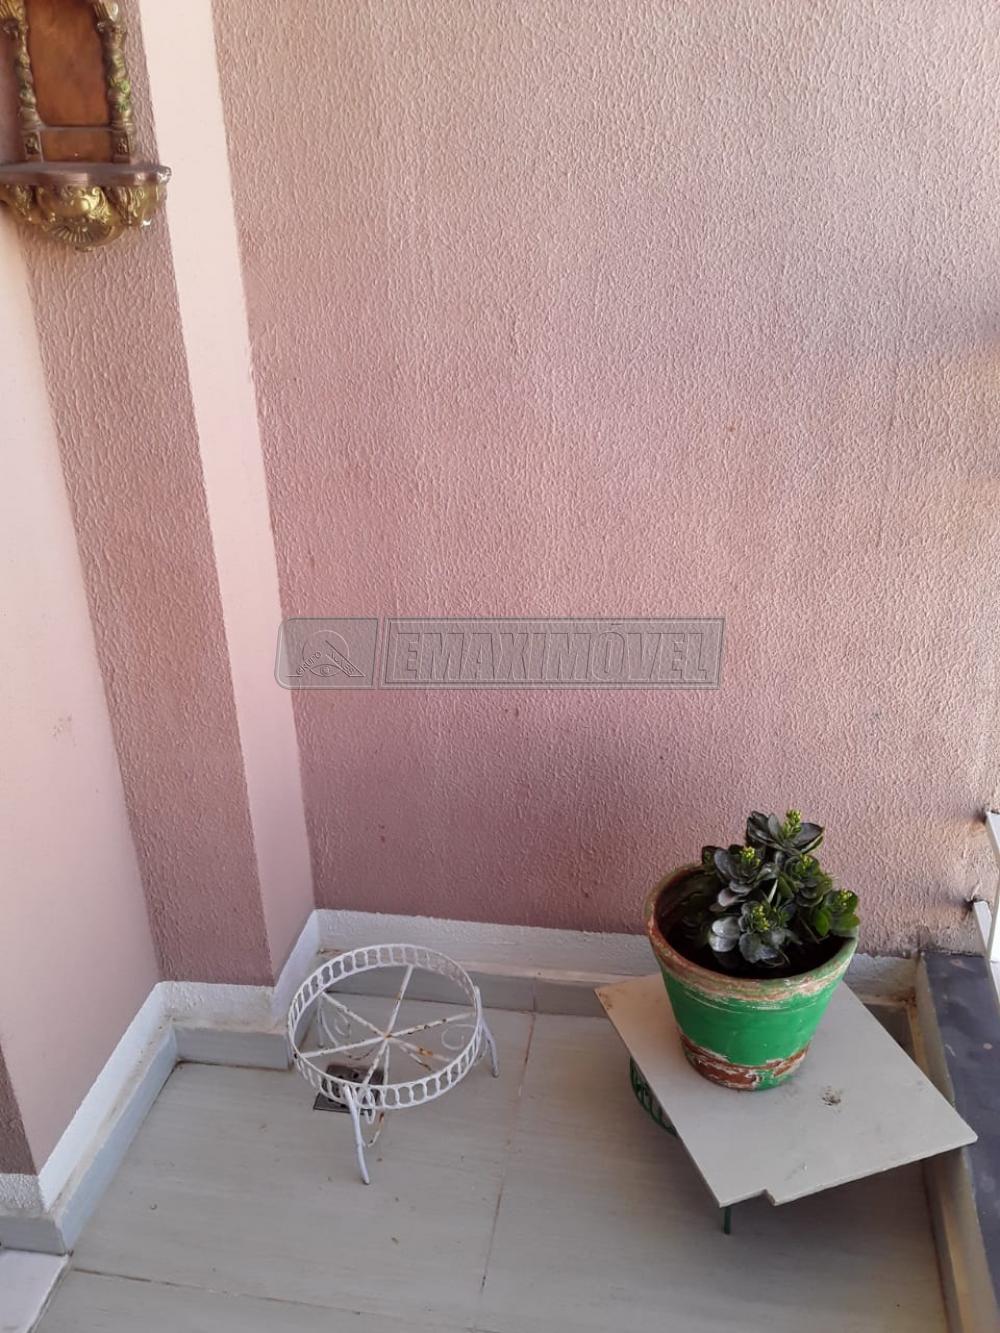 Comprar Apartamento / Padrão em Sorocaba R$ 270.000,00 - Foto 4